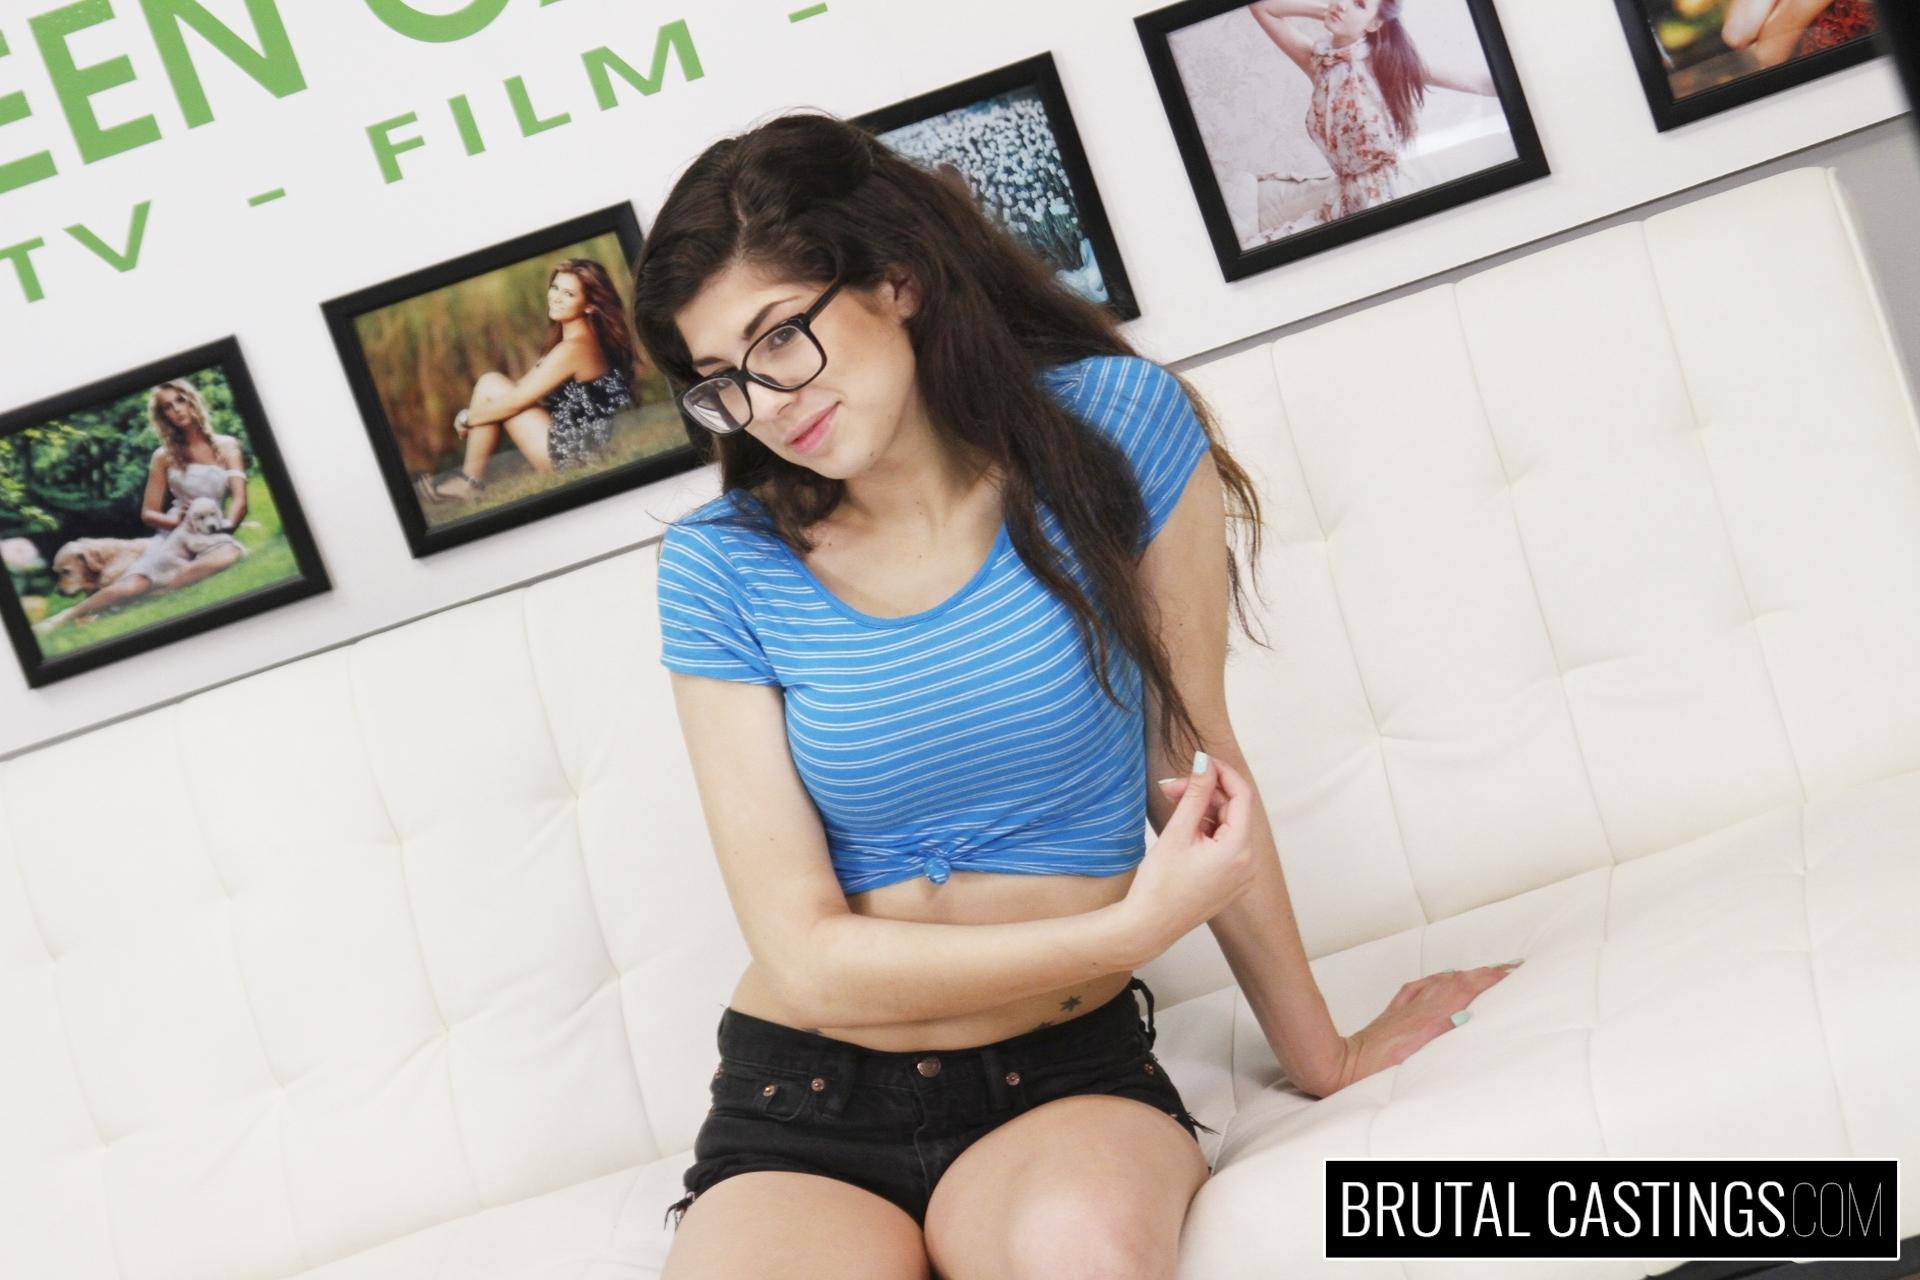 Ava Taylor Brutal Casting